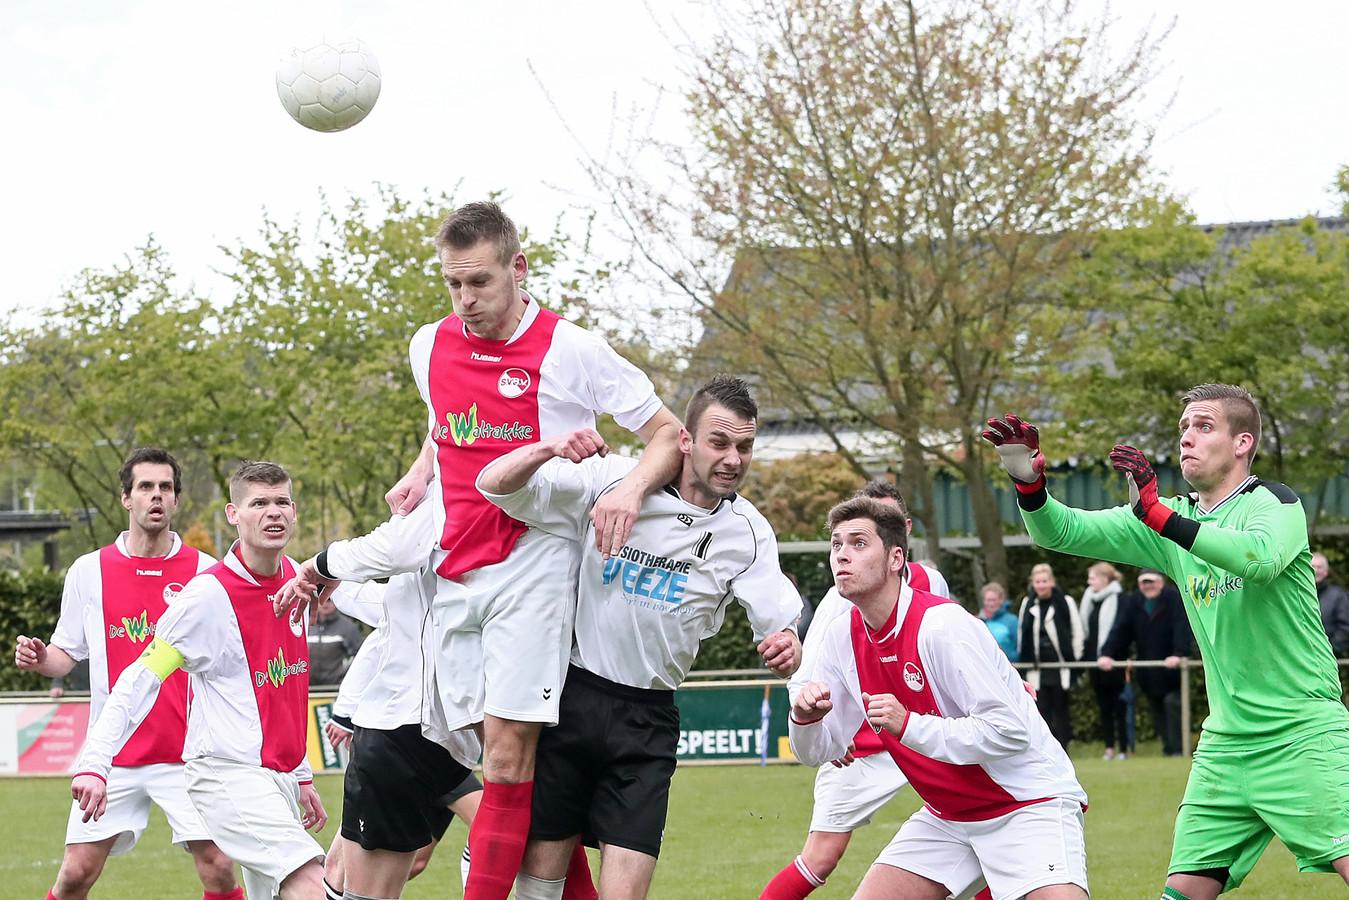 Klein Dochteren (witzwart) zit in de verdrukking en moet het eerste elftal uit competitie halen.